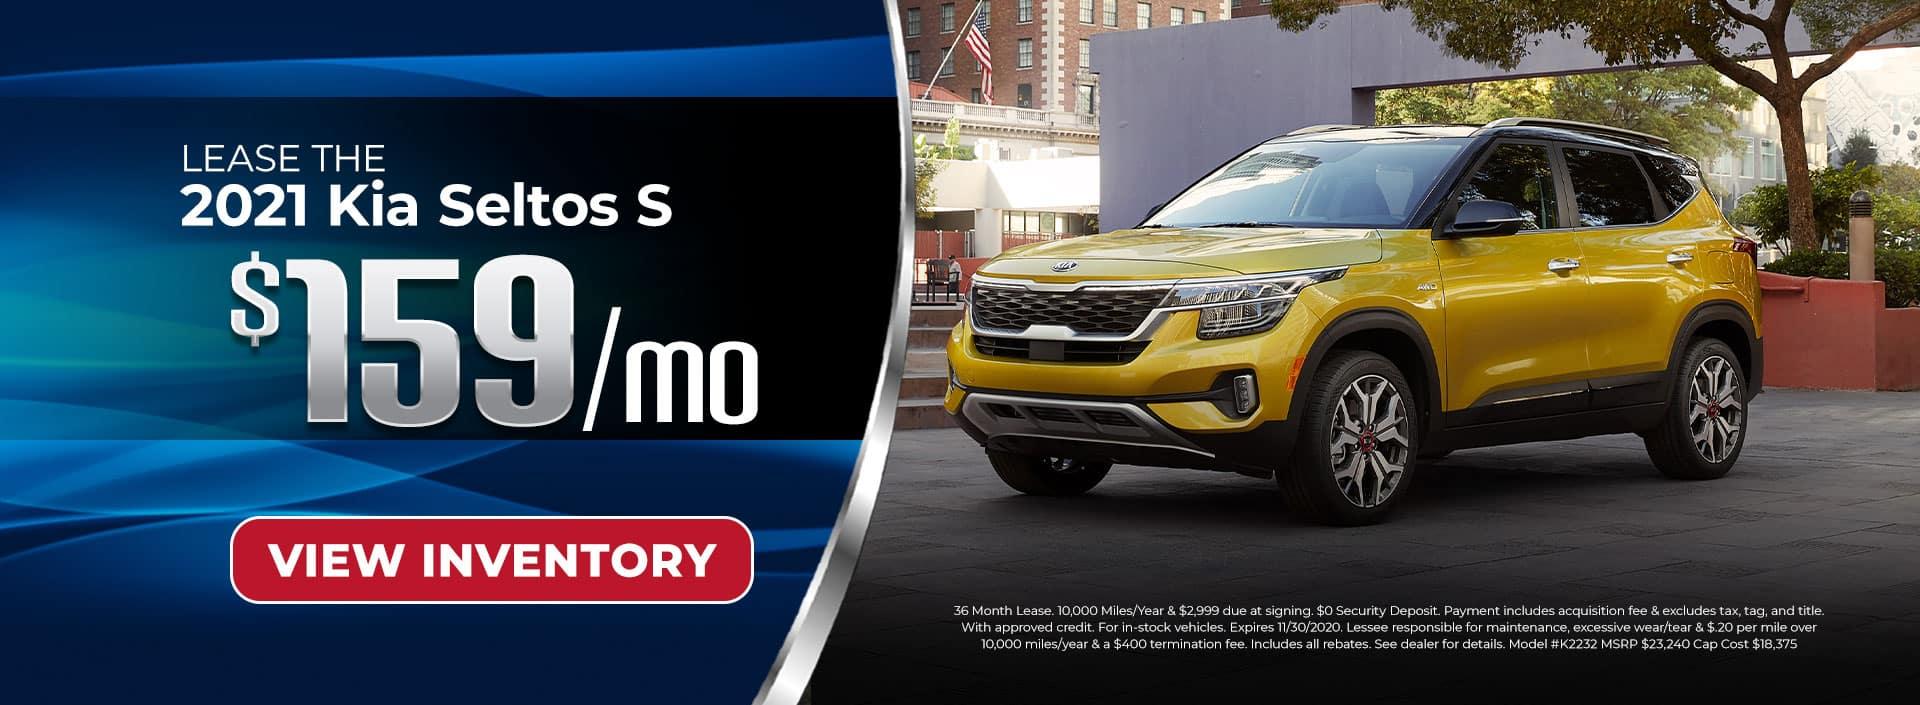 Lease 2021 Kia Seltos S for $159/mo in Chamblee, GA